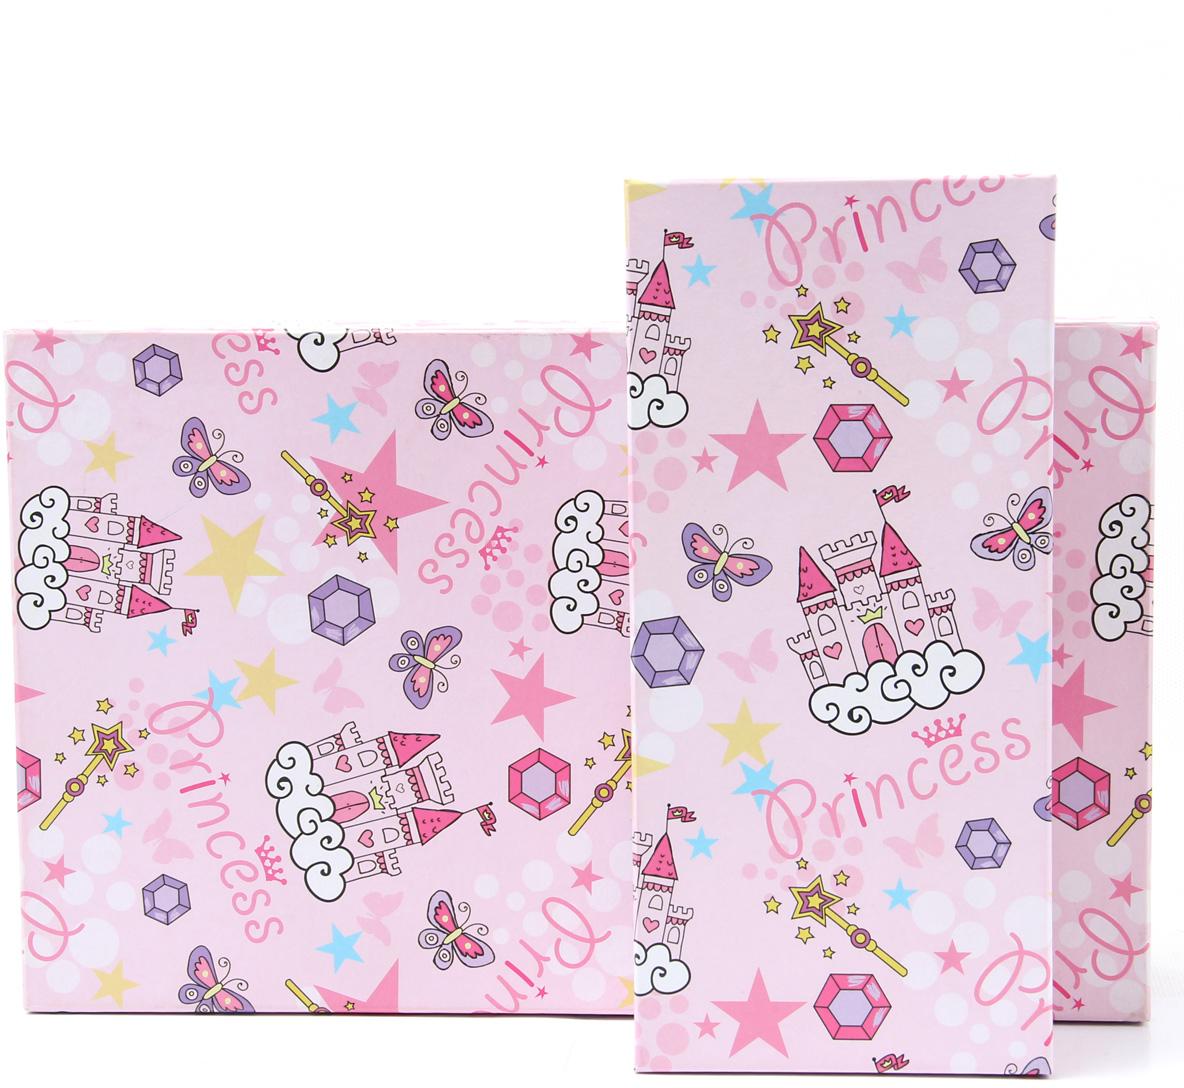 Набор подарочных коробок Veld-Co Замок принцессы, прямоугольные, 5 шт51382Подарочные коробки Veld-Co - это наилучшее решение, если выхотите порадовать ваших близких и создать праздничное настроение, ведь подарок, преподнесенный в оригинальной упаковке, всегда будет самым эффектным и запоминающимся. Окружите близких людей вниманием и заботой, вручив презент в нарядном, праздничном оформлении.